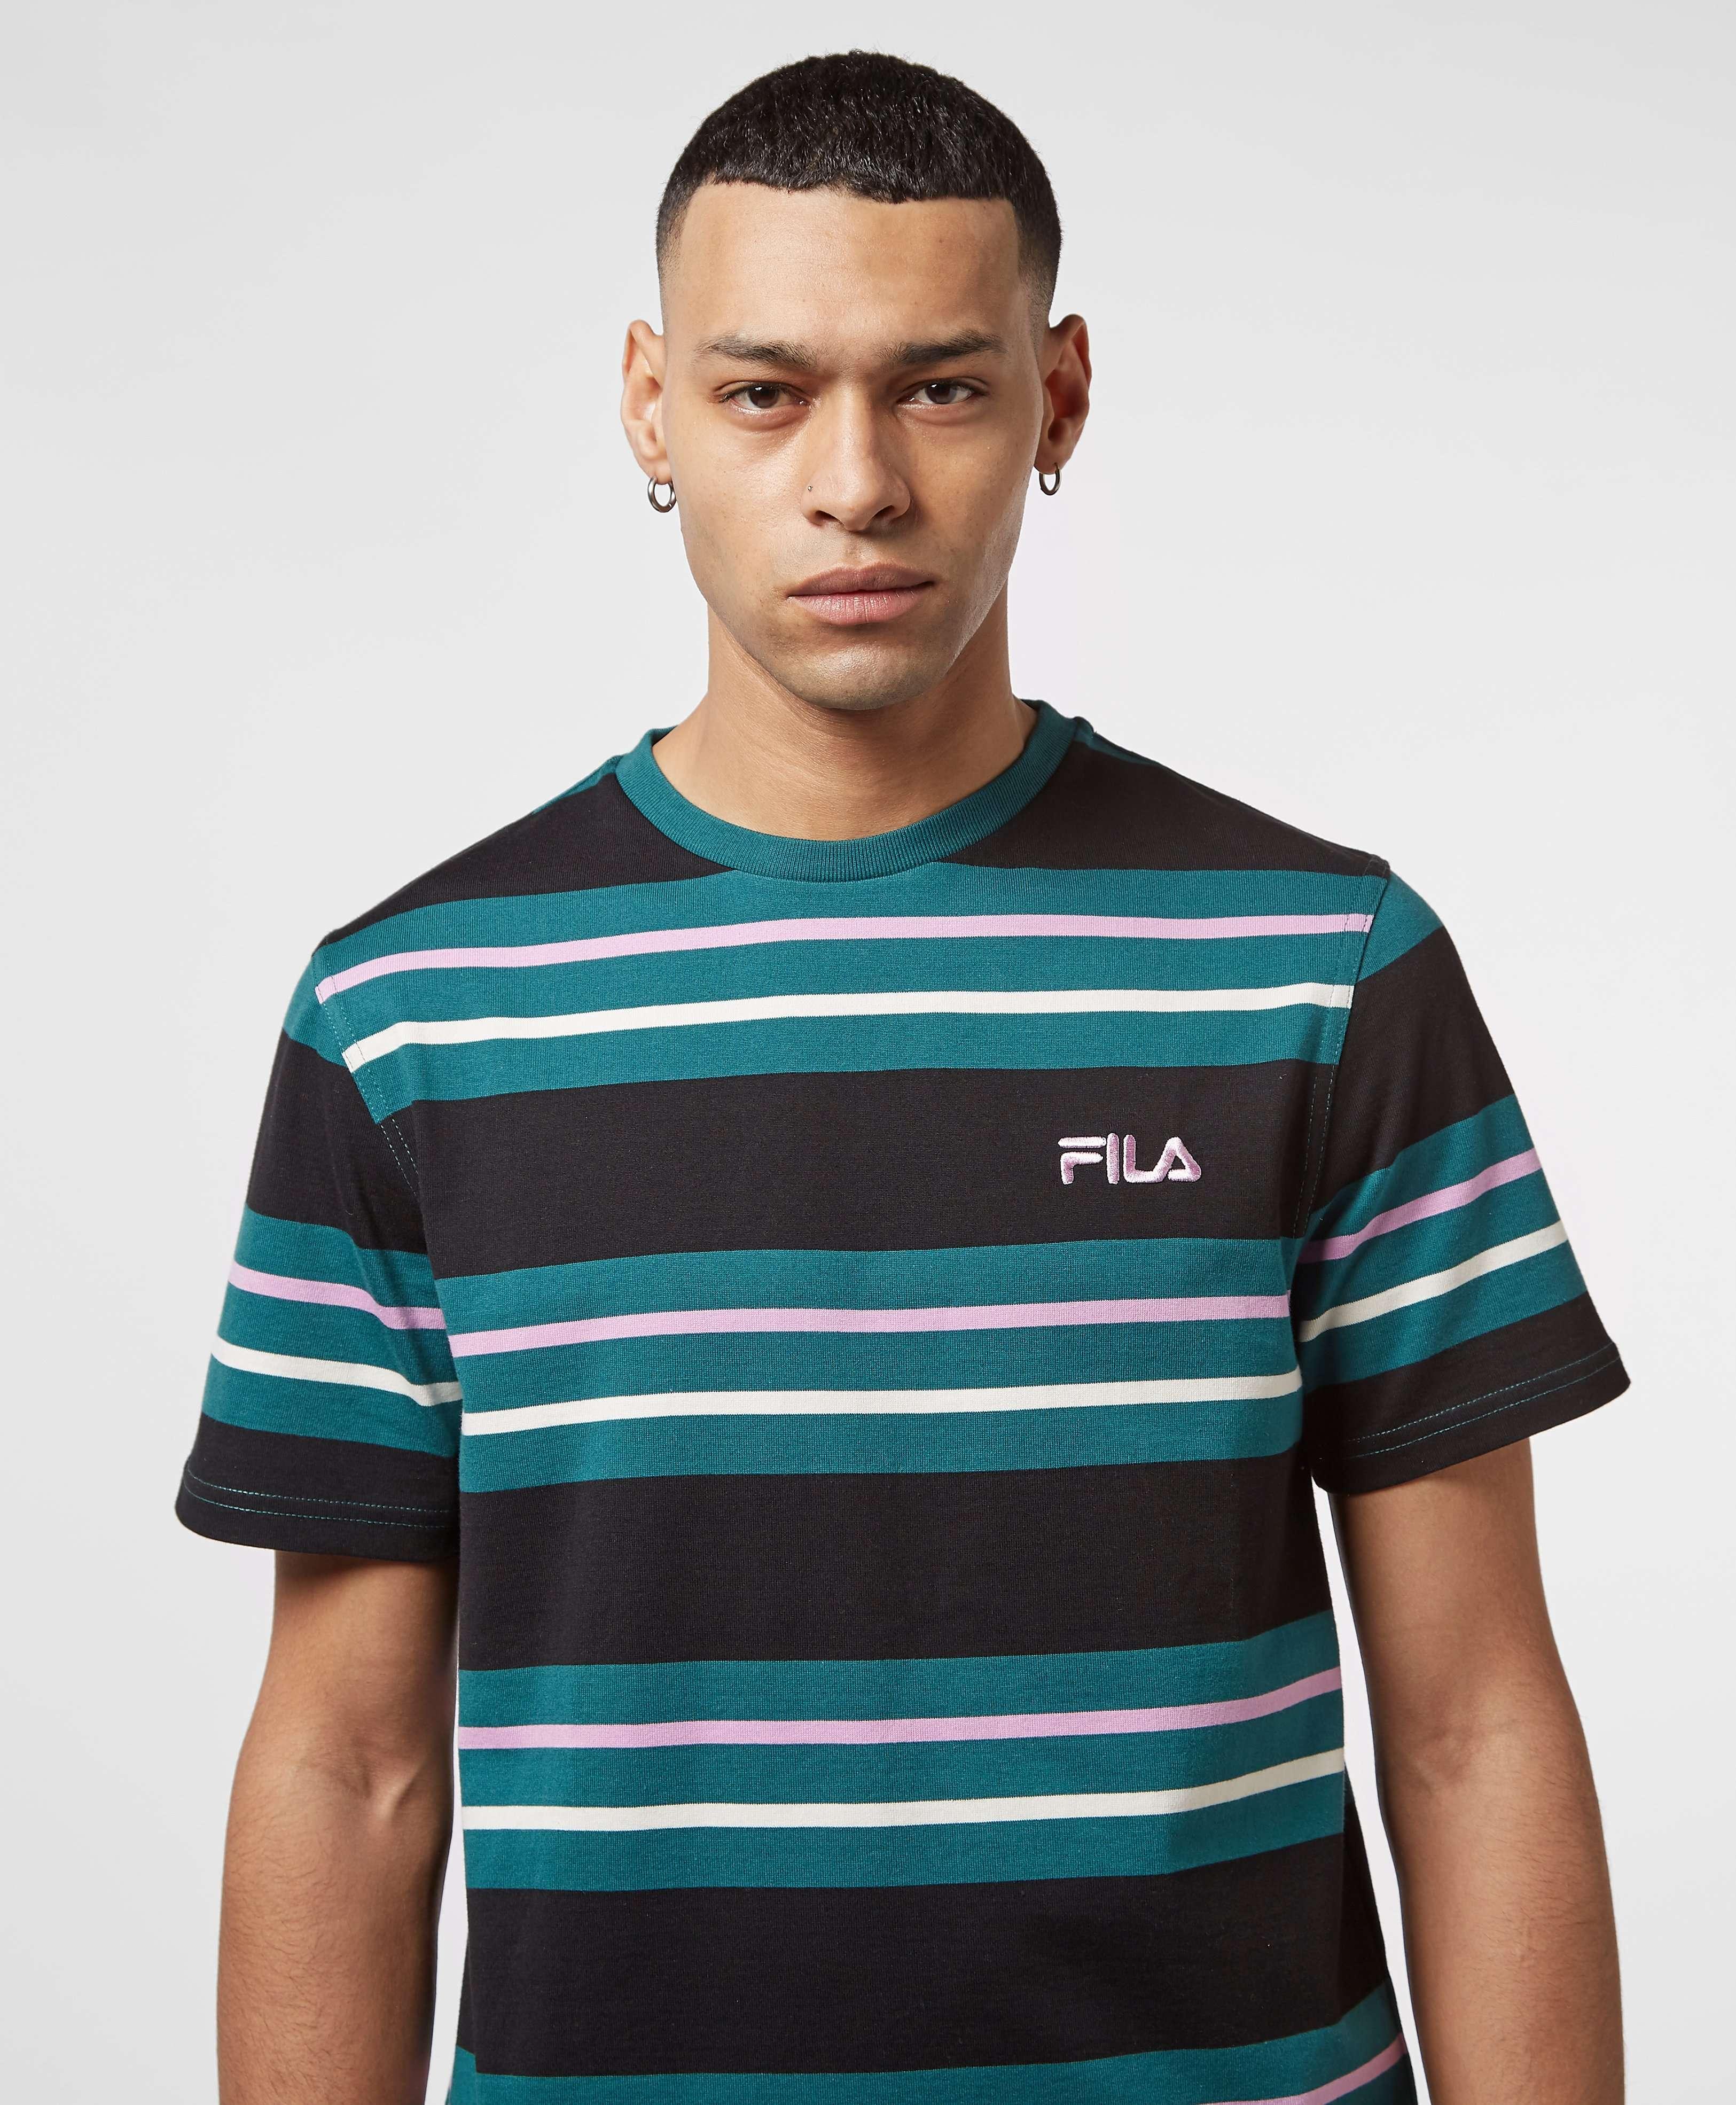 Fila Yeurpaja Short Sleeve T-Shirt